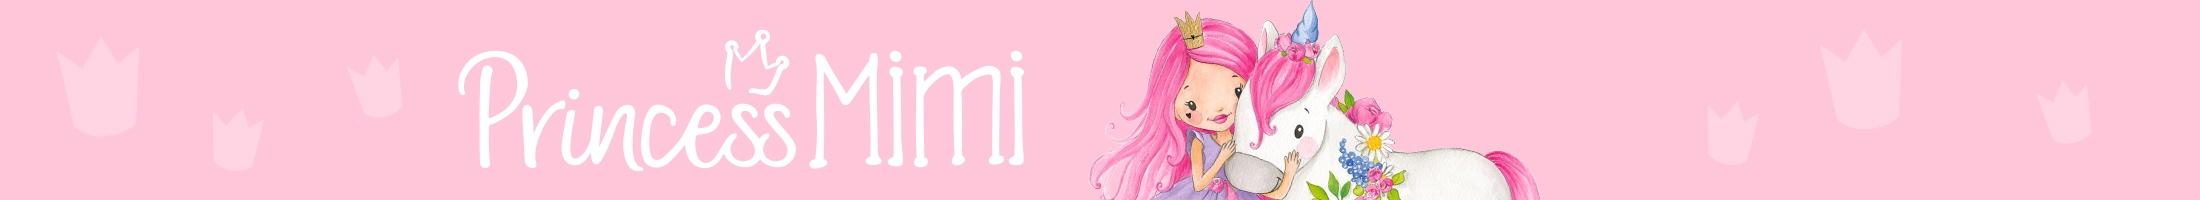 Juguetes Princess Mimi